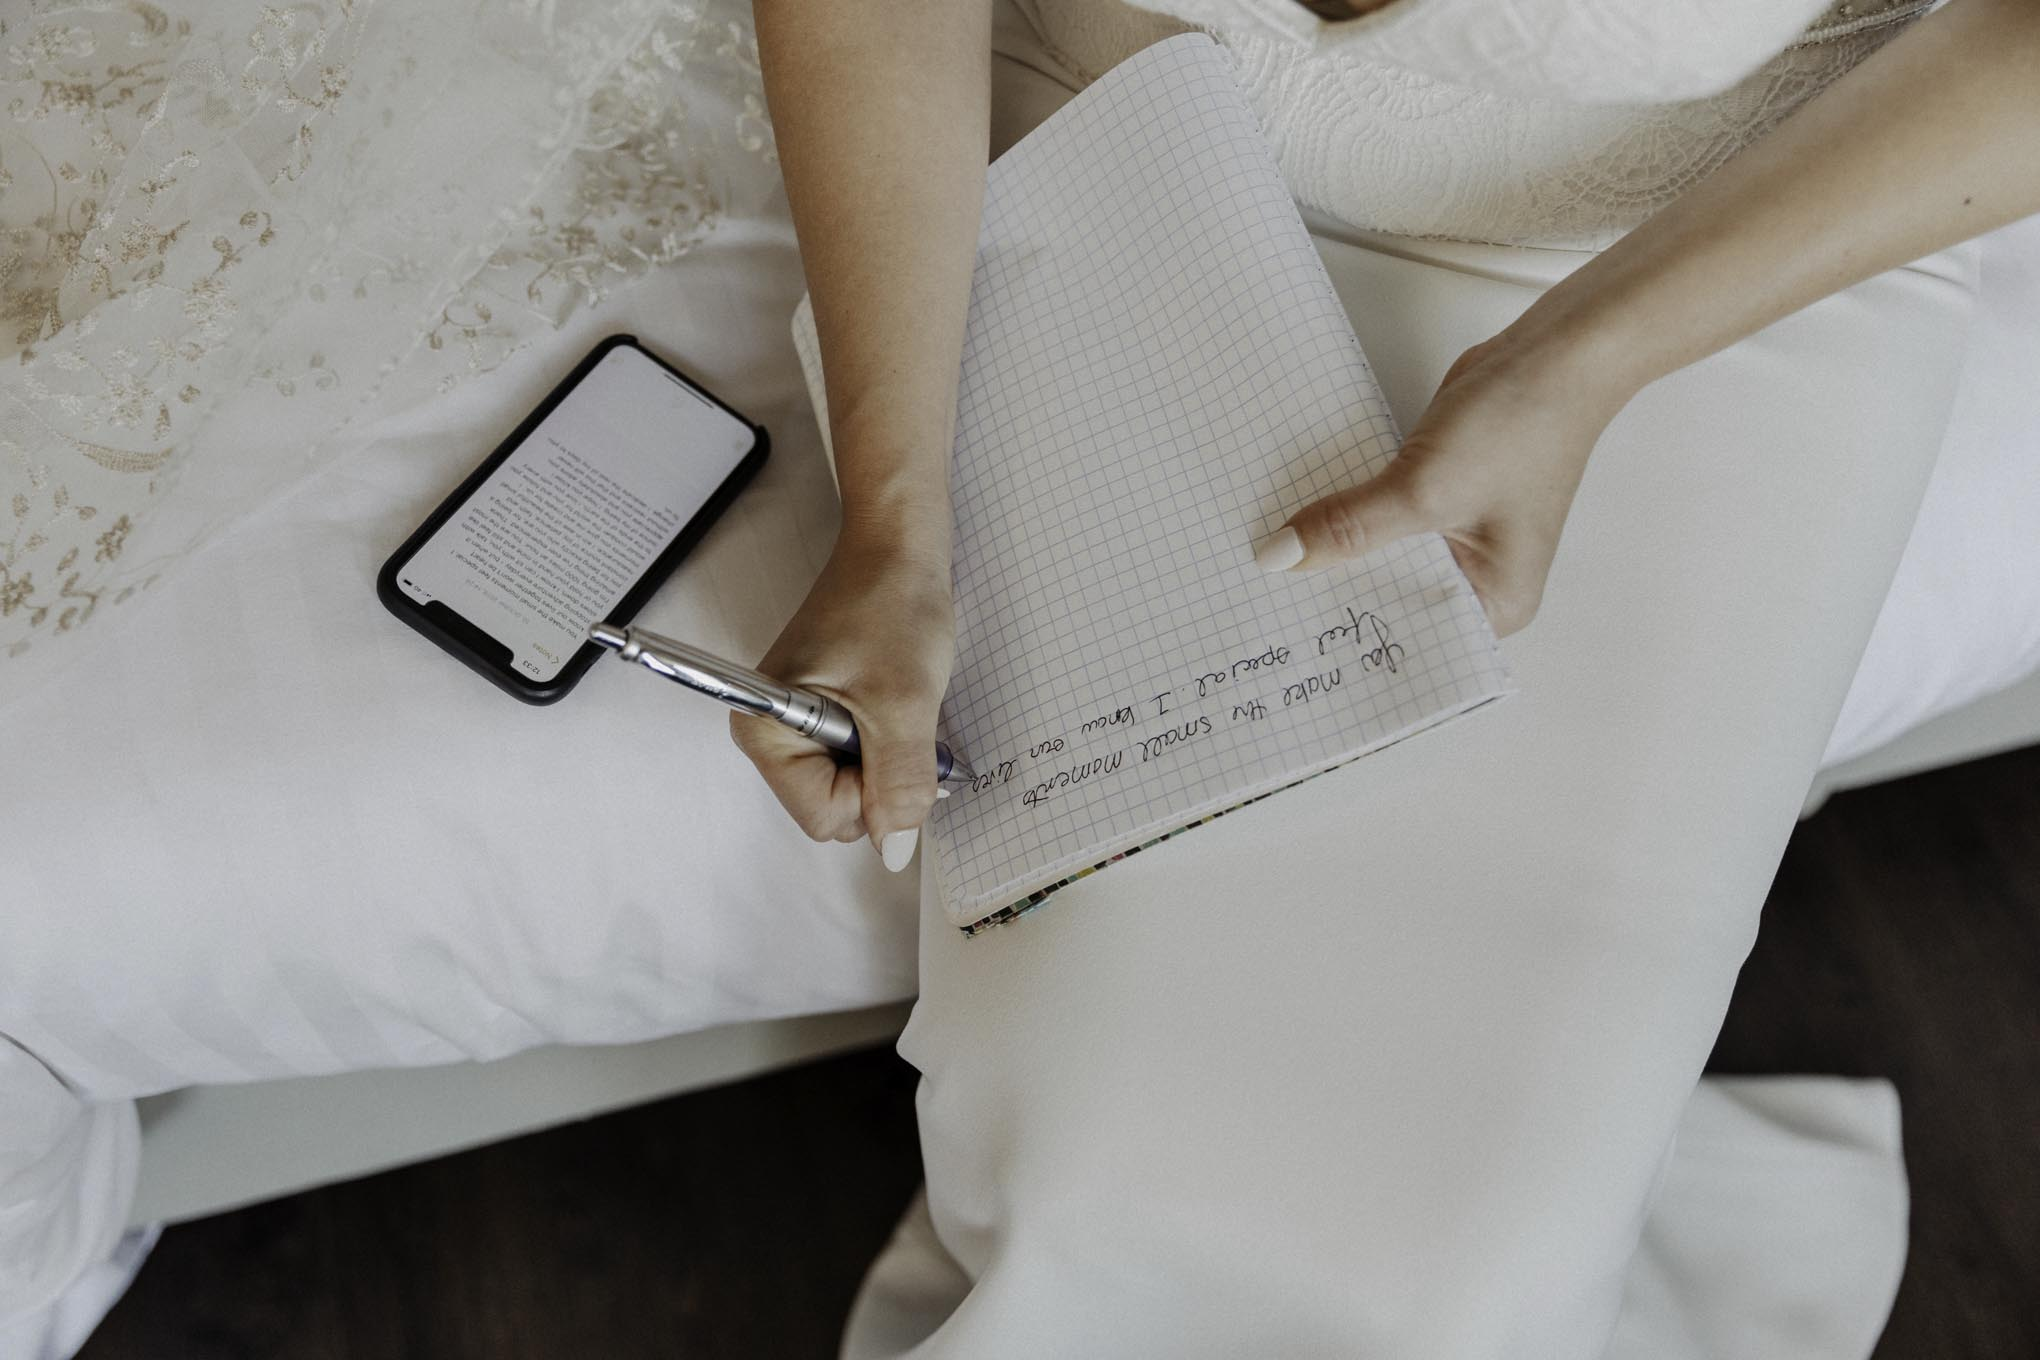 Getting Ready Ehegelöbnis schreiben